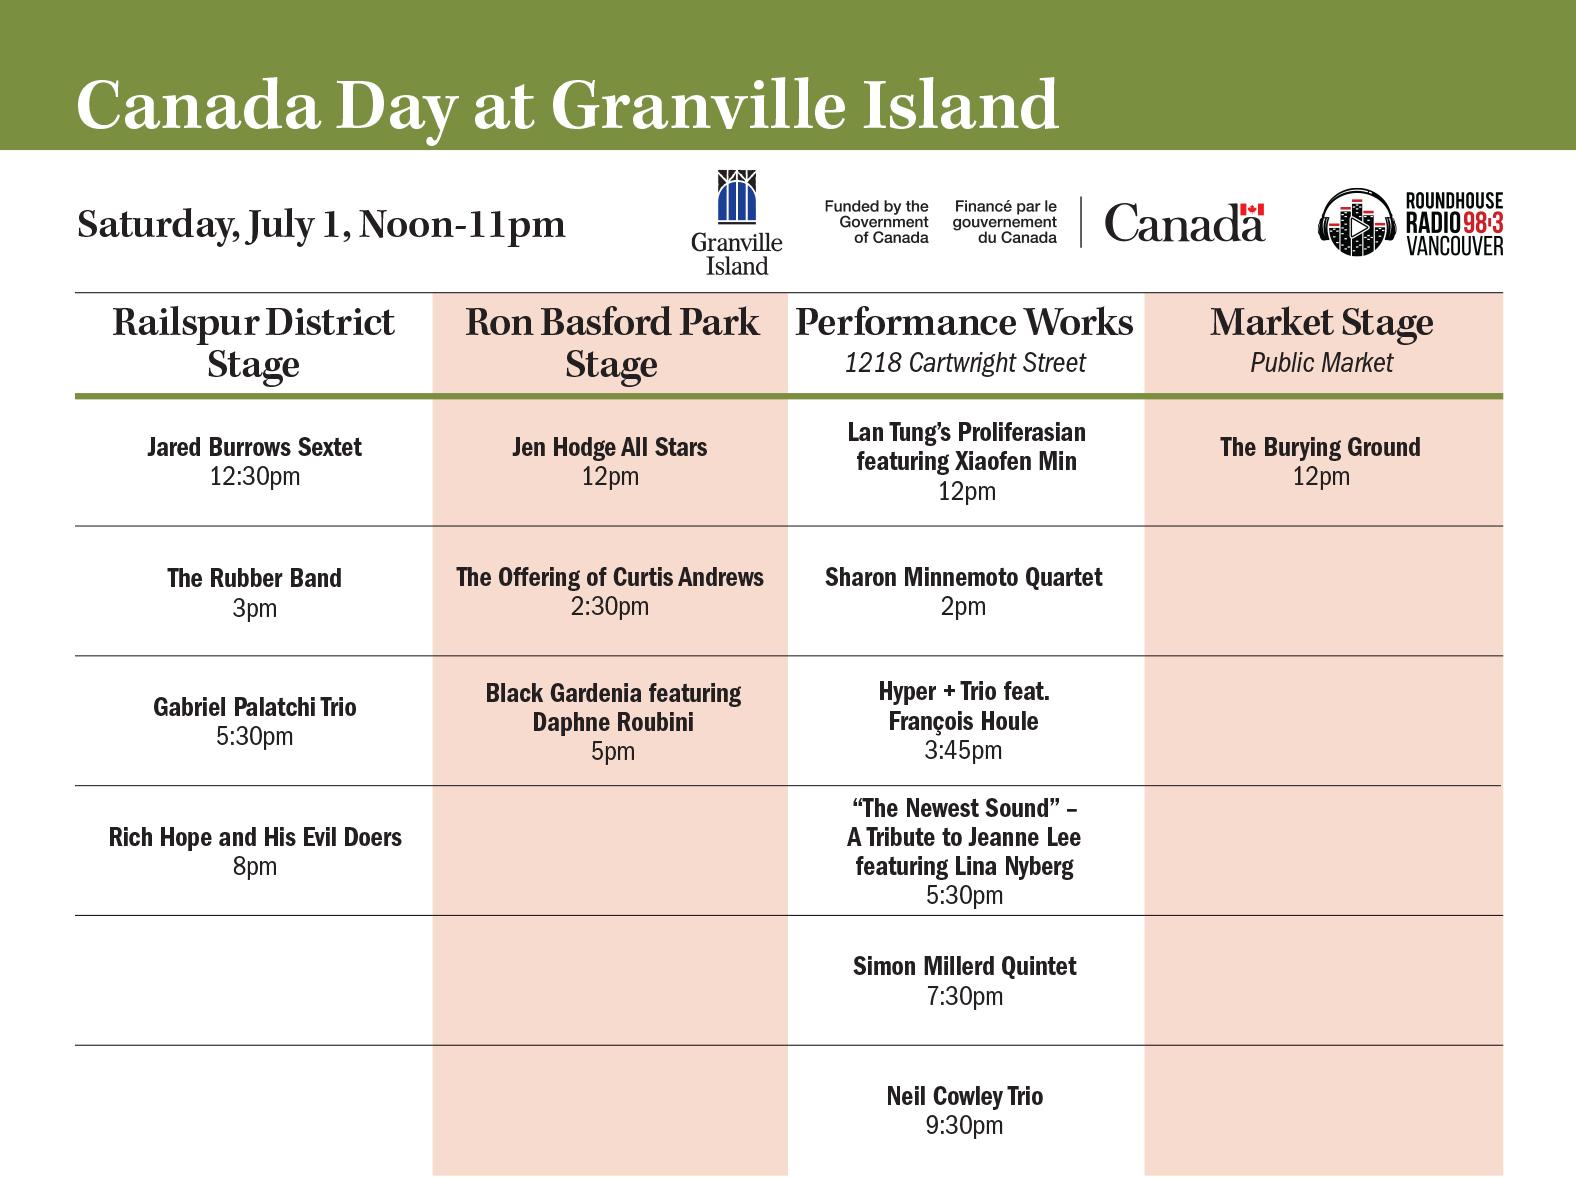 Canada_Day_Grid.jpg